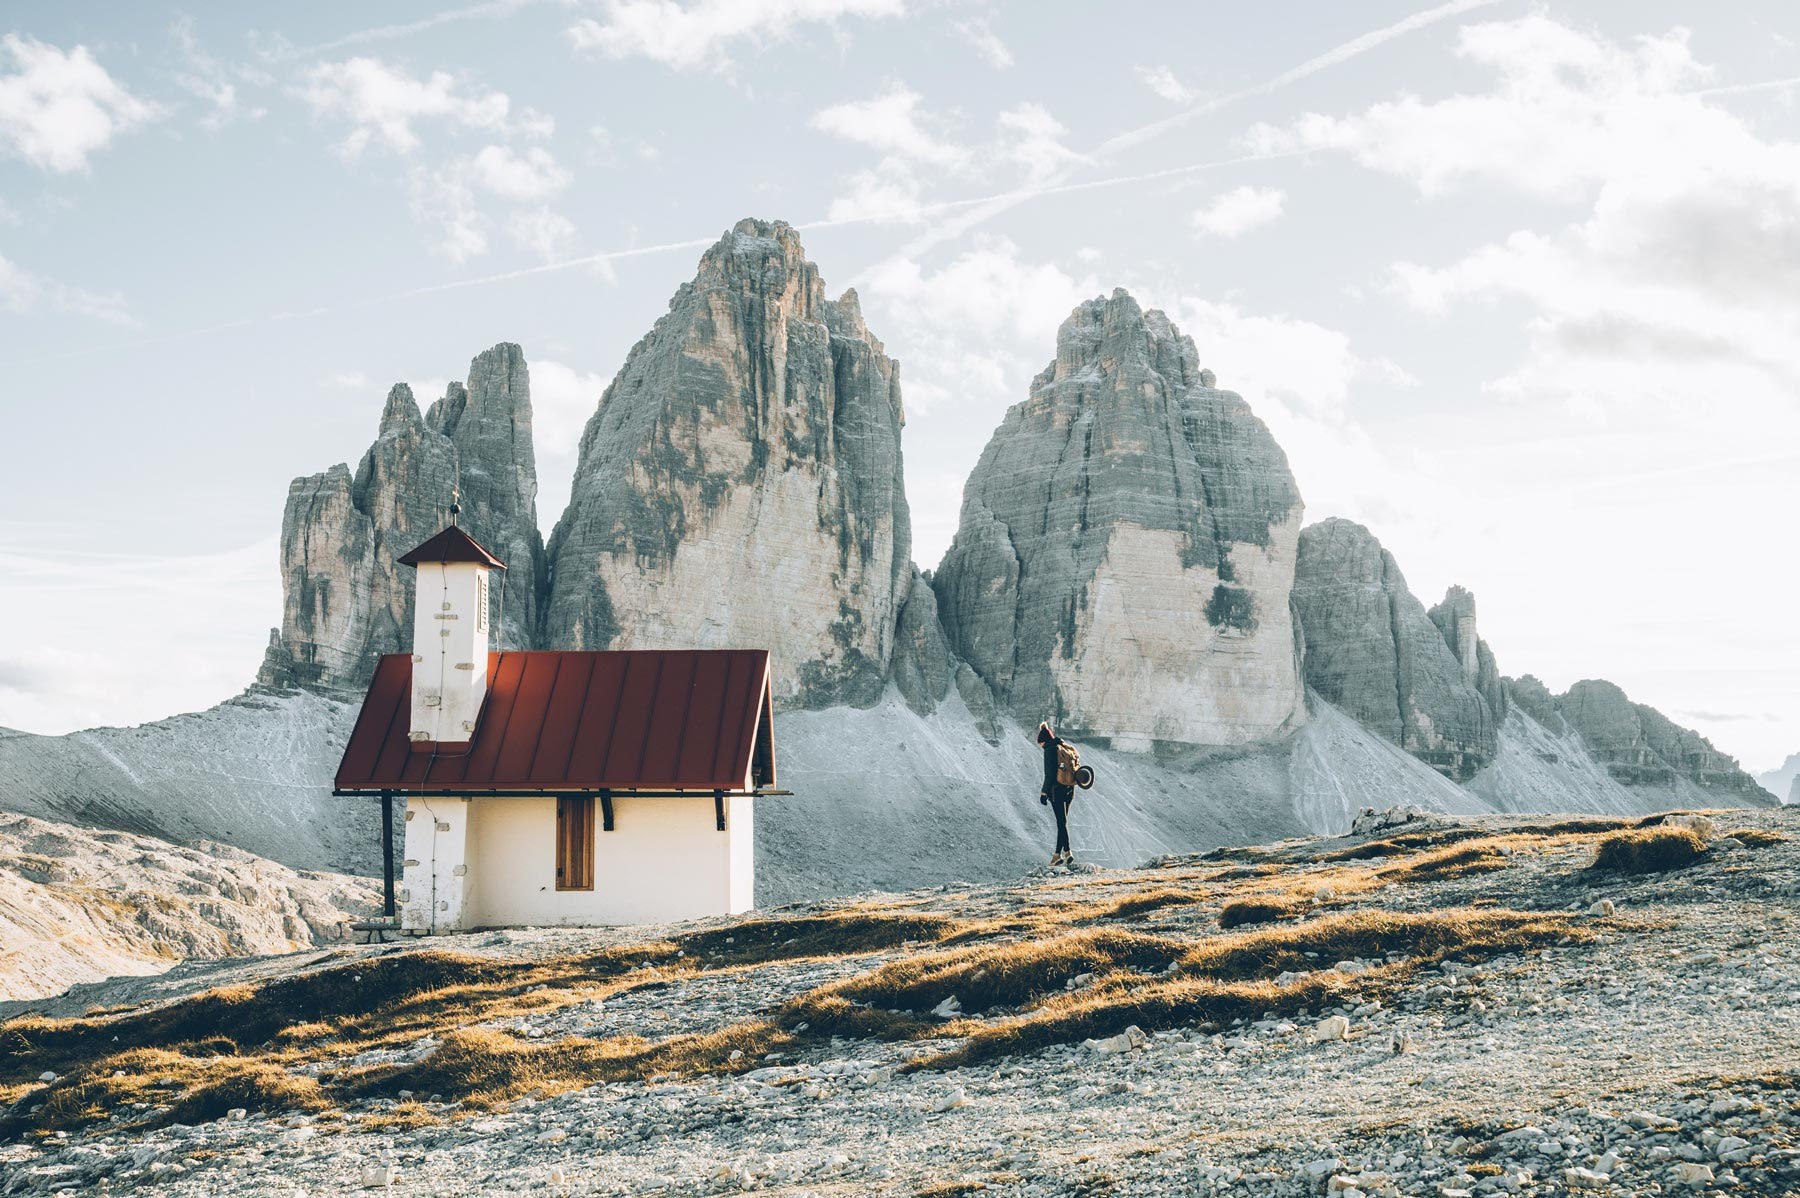 Randonnée Tre Cime di Lavaredo, Dolomites